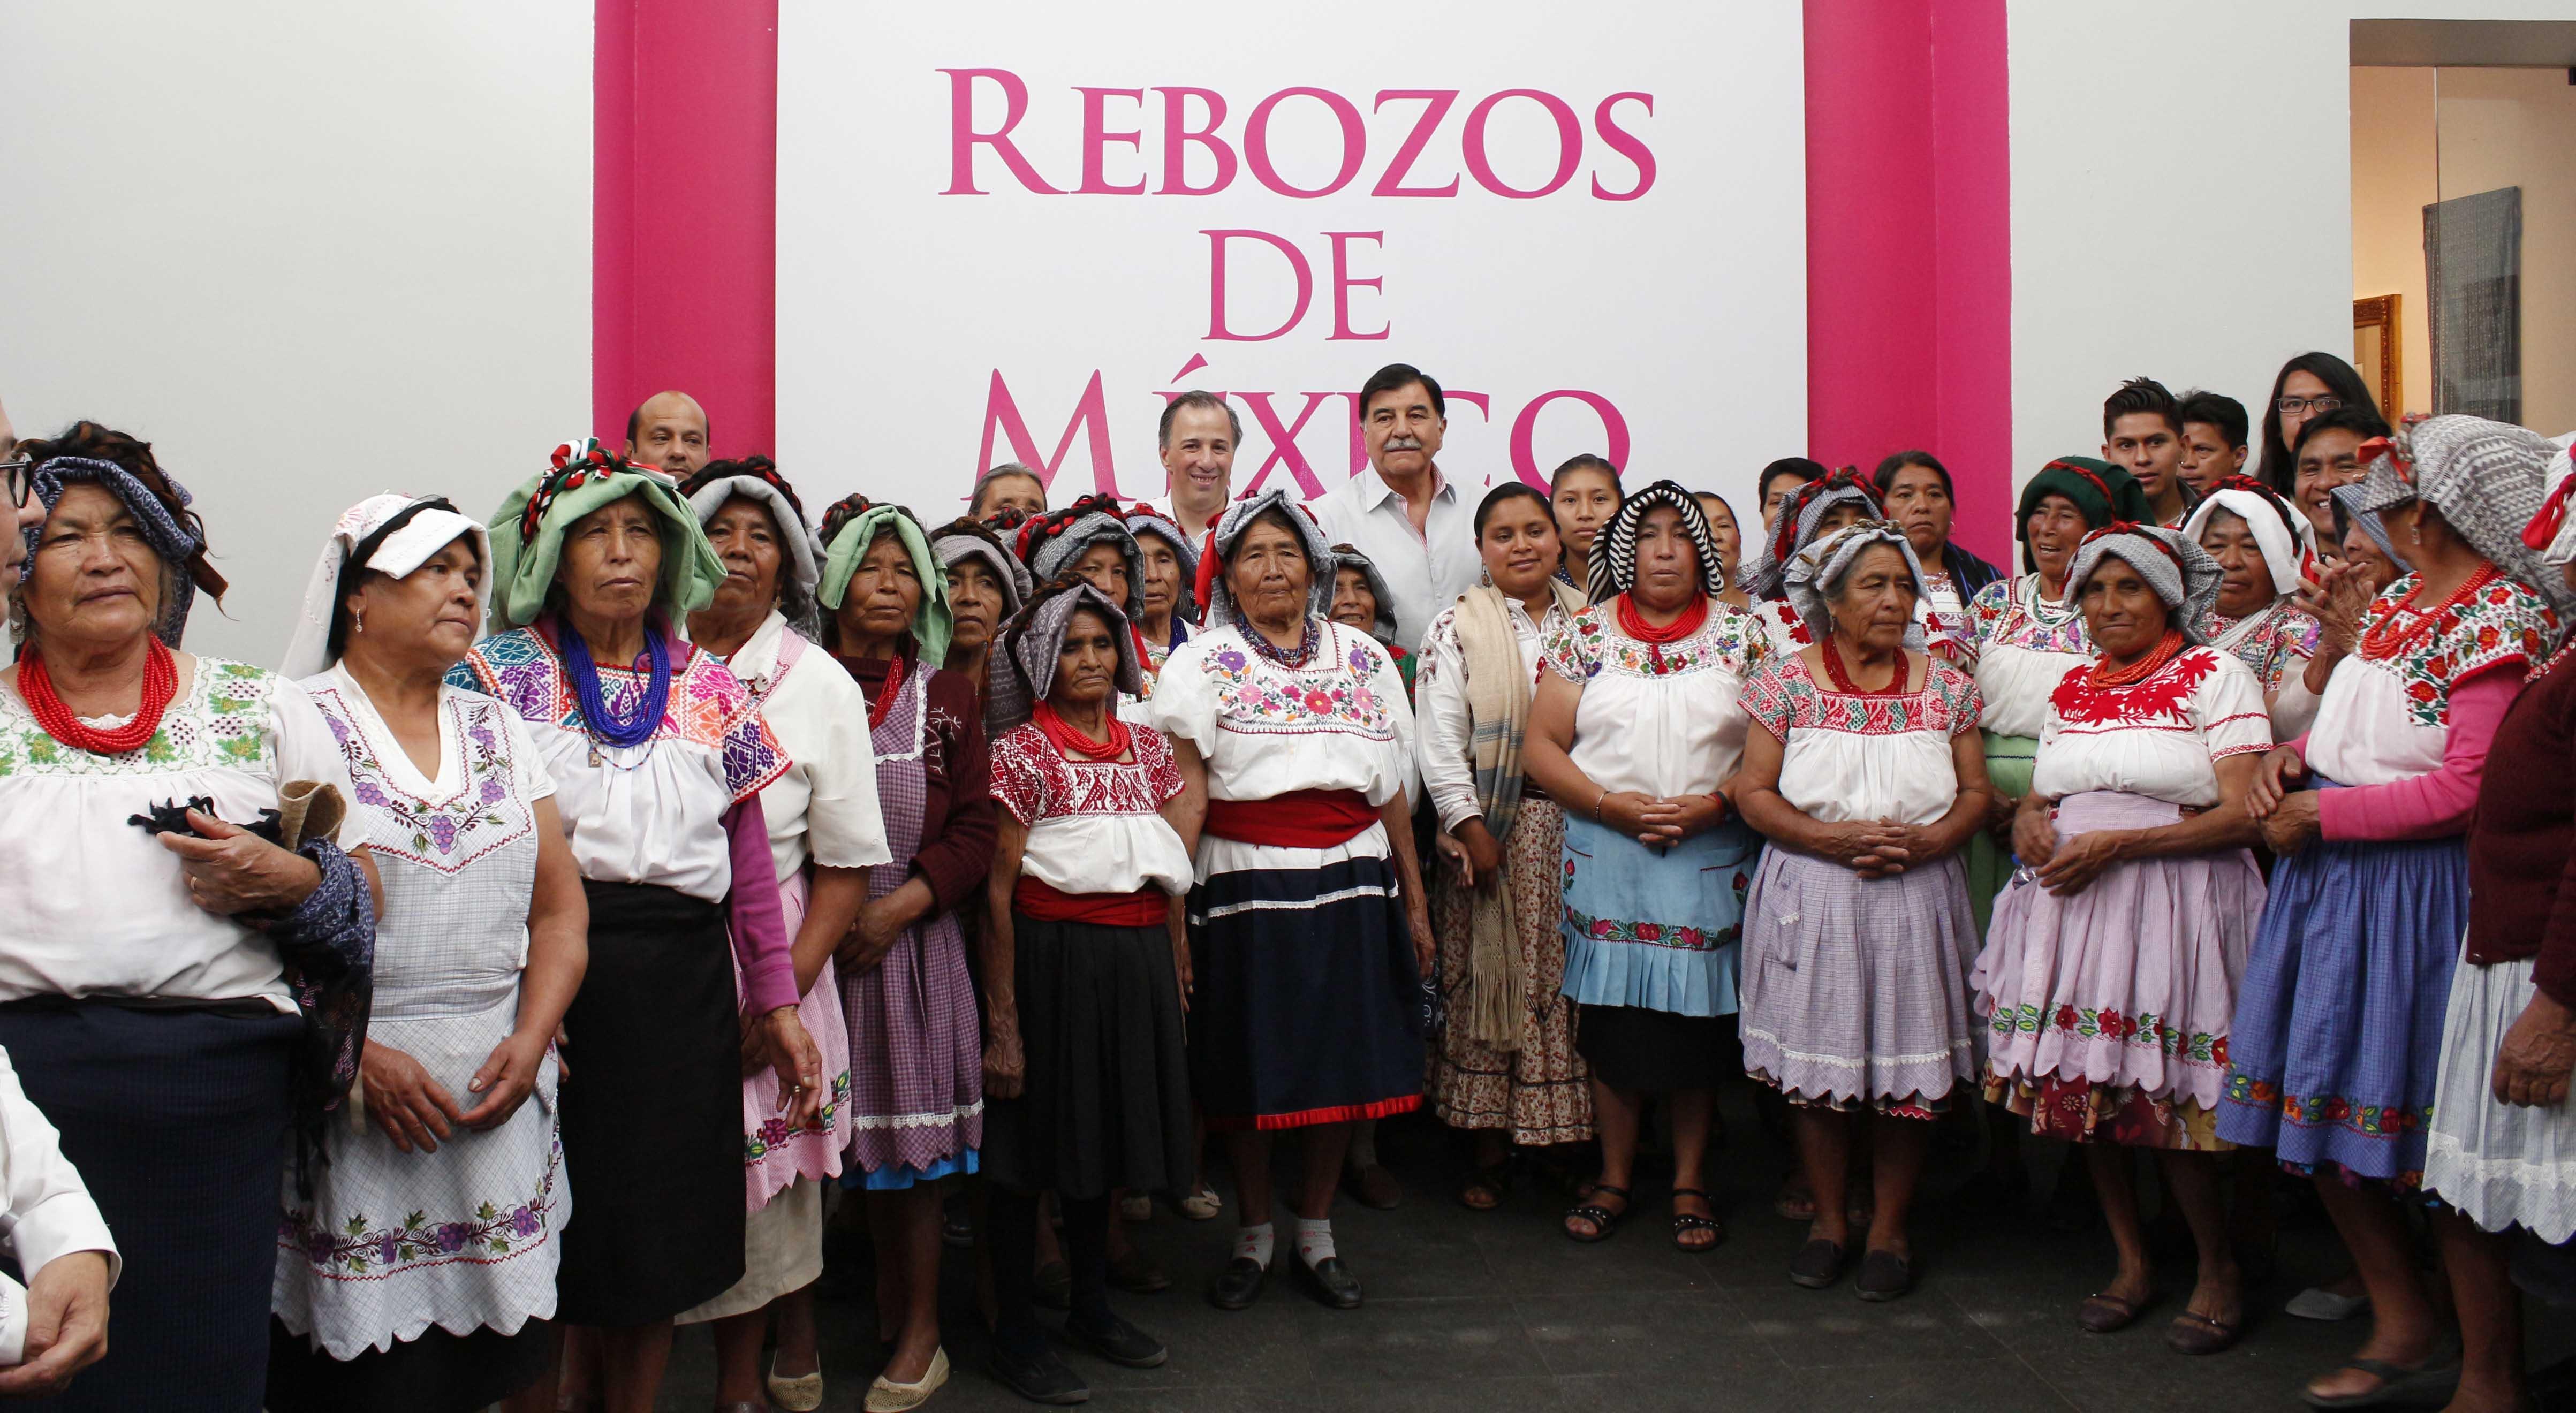 Premia José Antonio Meade Kuribreña a ganadores del Segundo Concurso Nacional del Rebozo 2015 del FONART